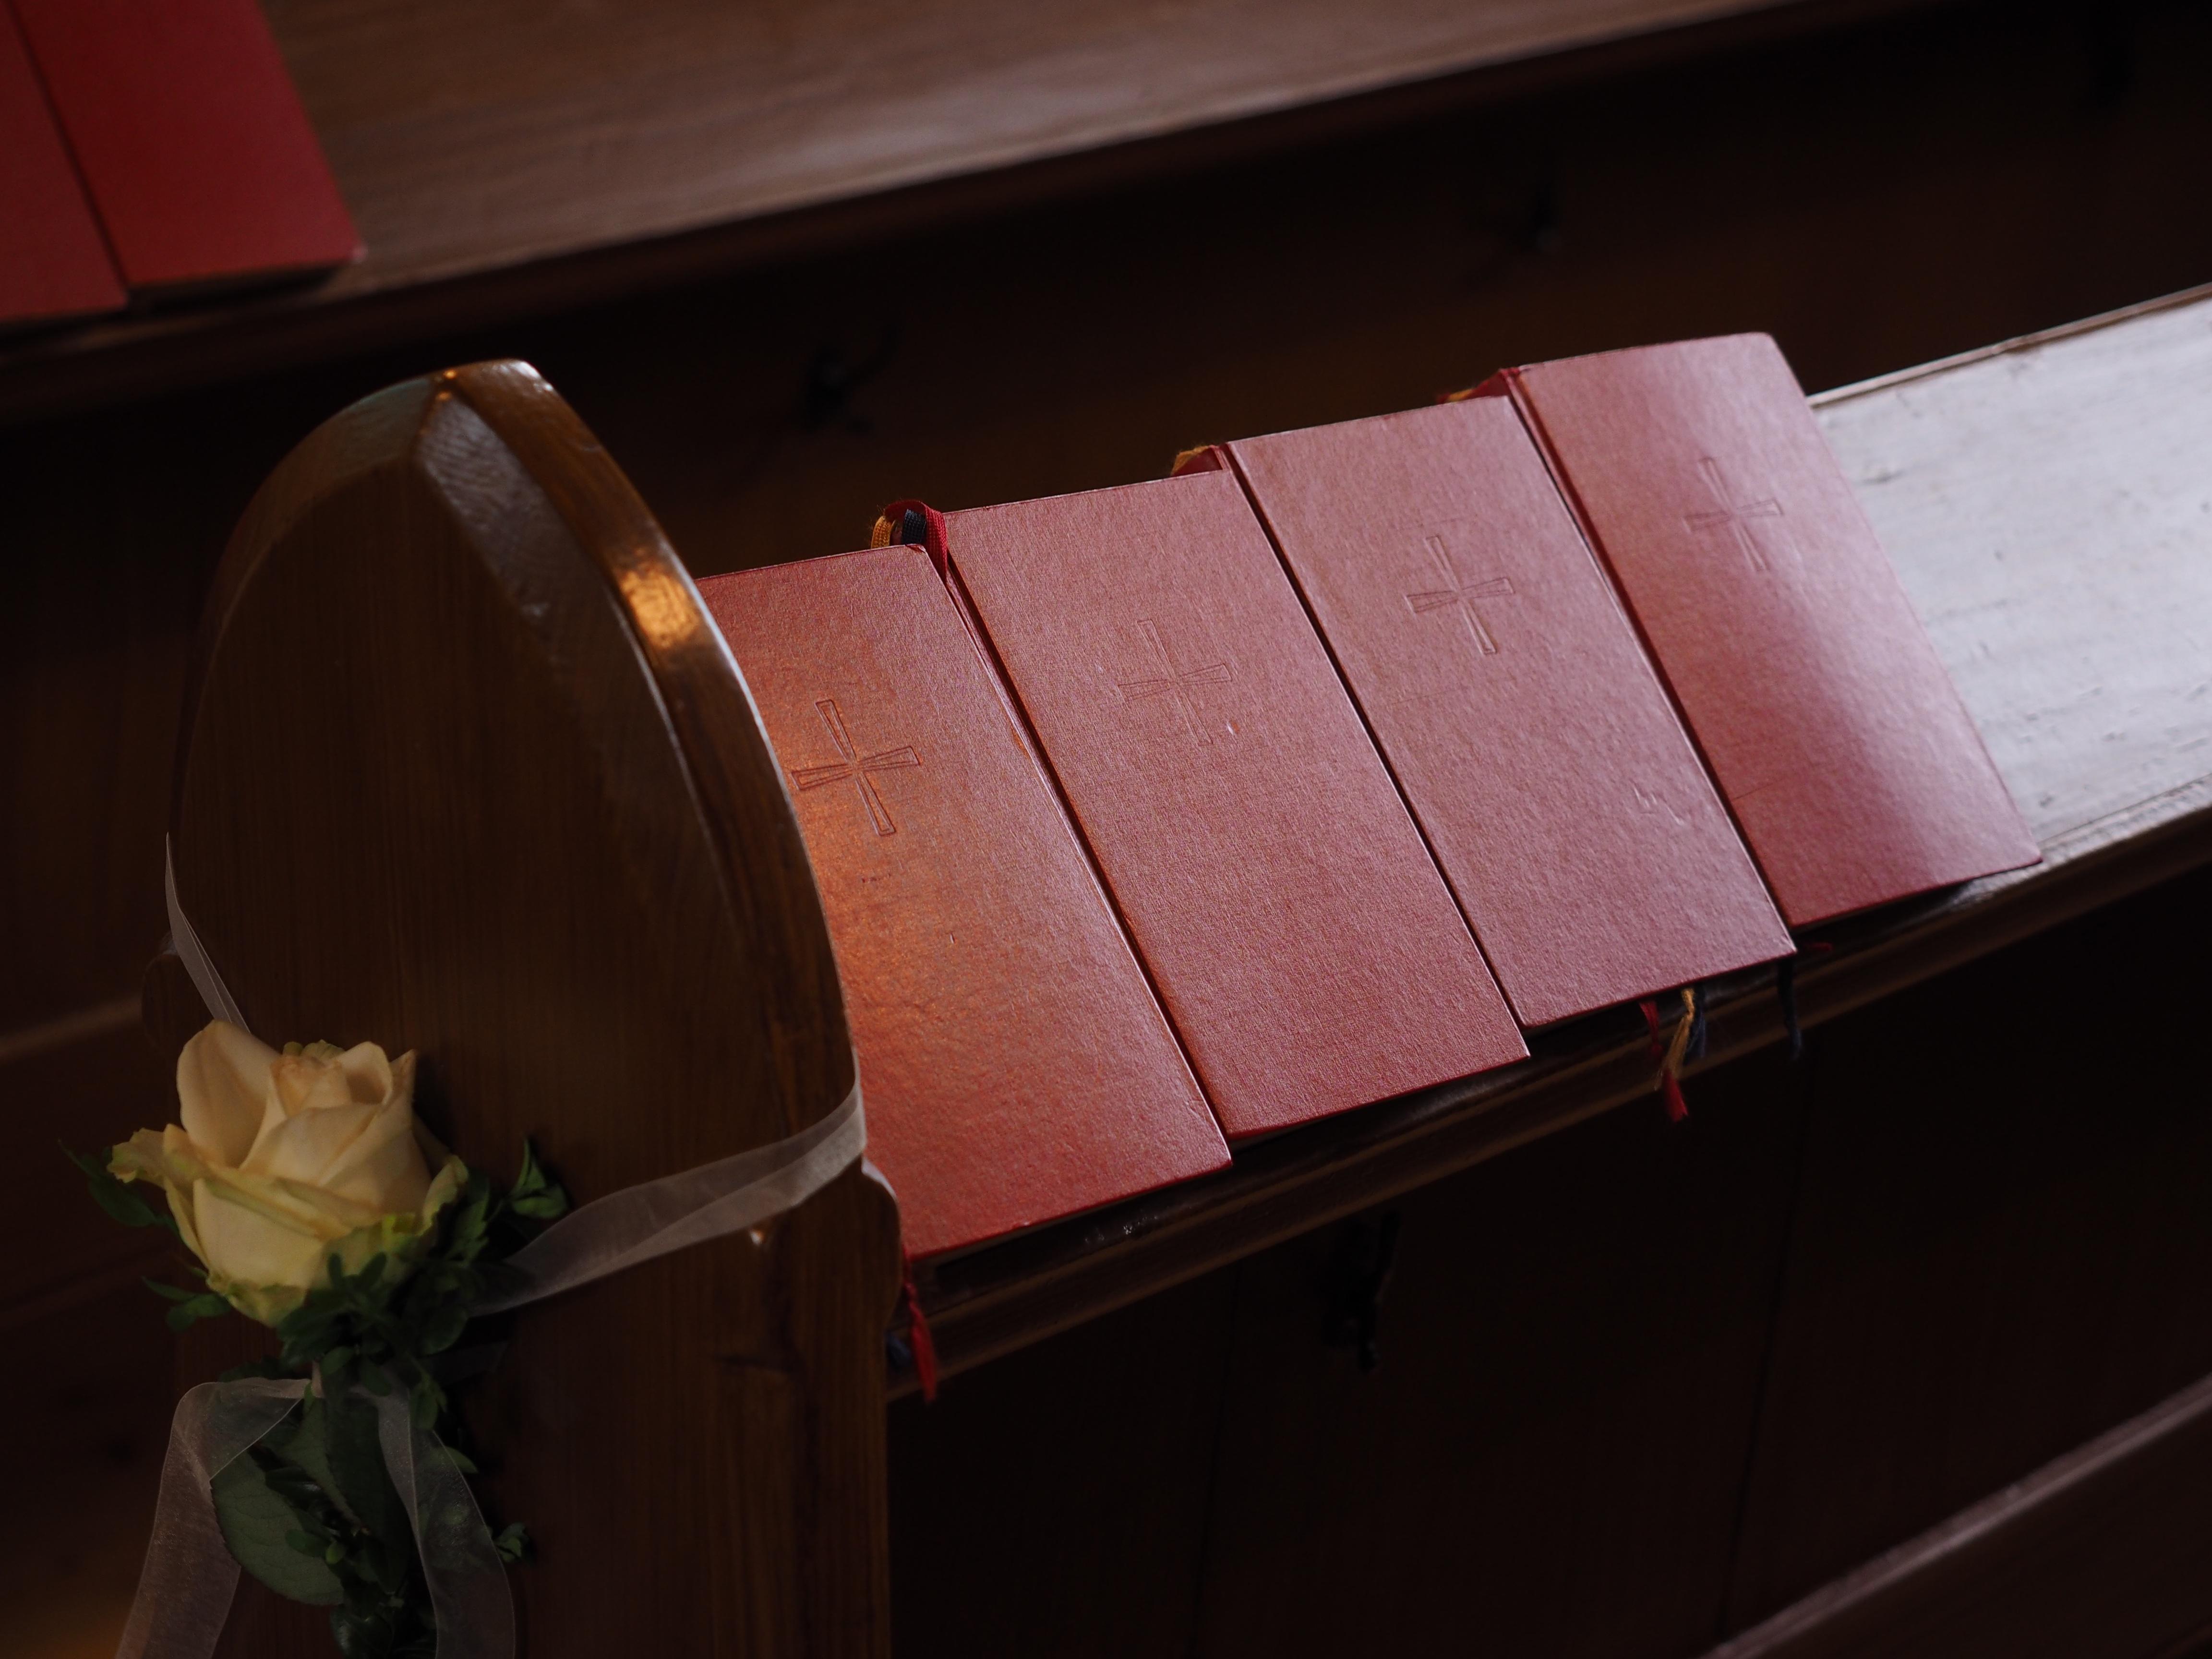 무료 이미지 : 표, 빛, 목재, 빨간, 색깔, 피아노, 교회에, 가구 ...